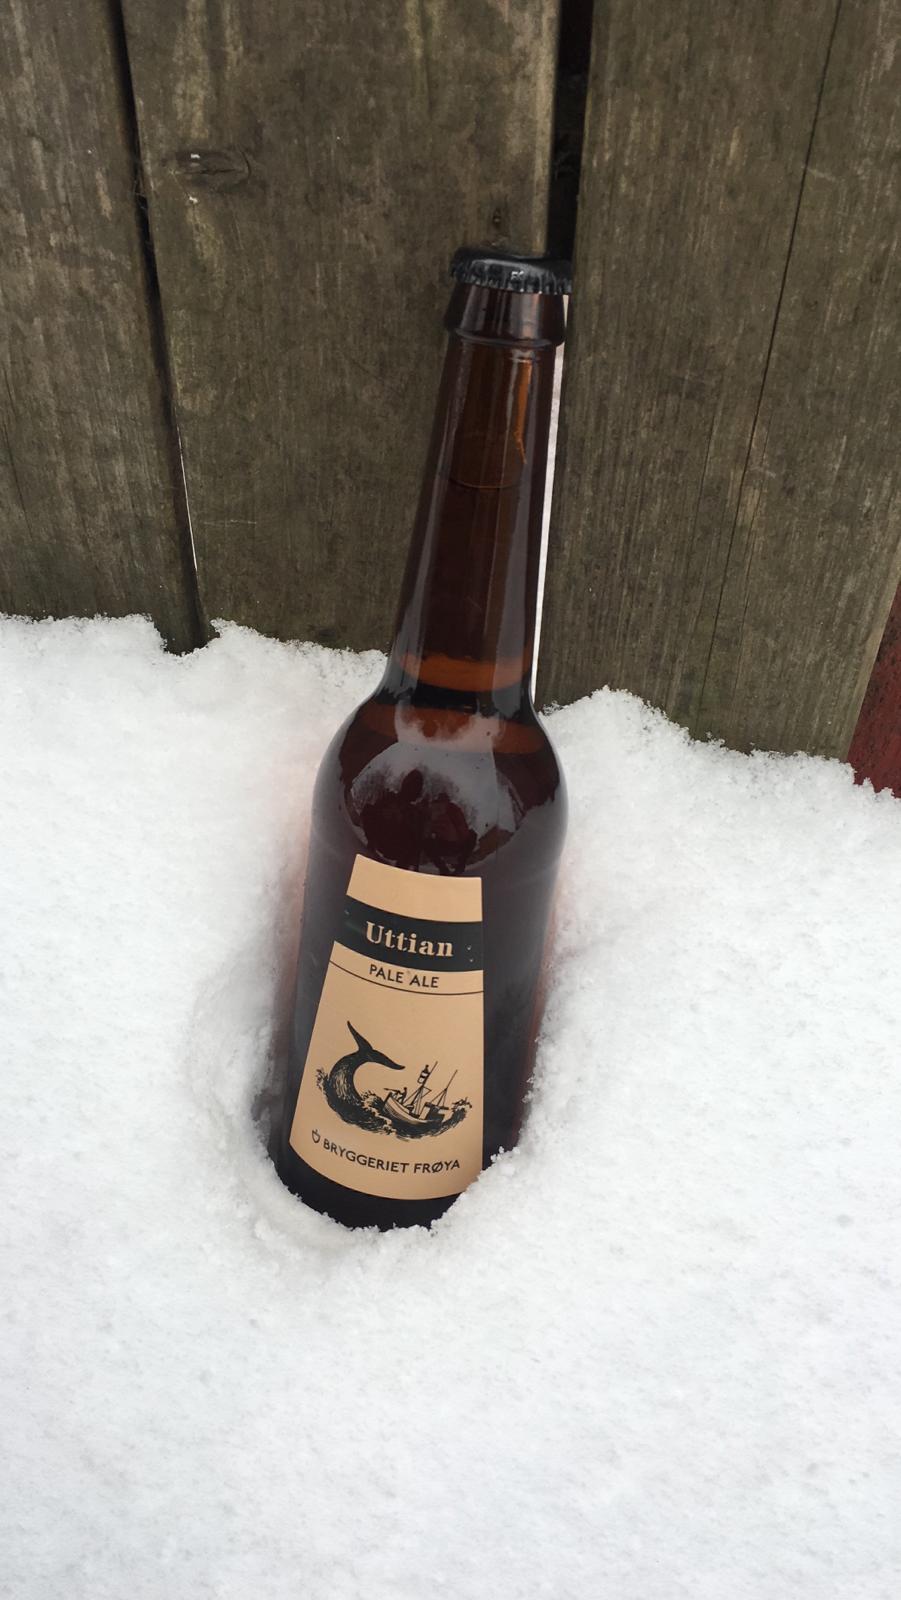 Uttian Pale Ale - Bryggeriet Frøya - 500ml